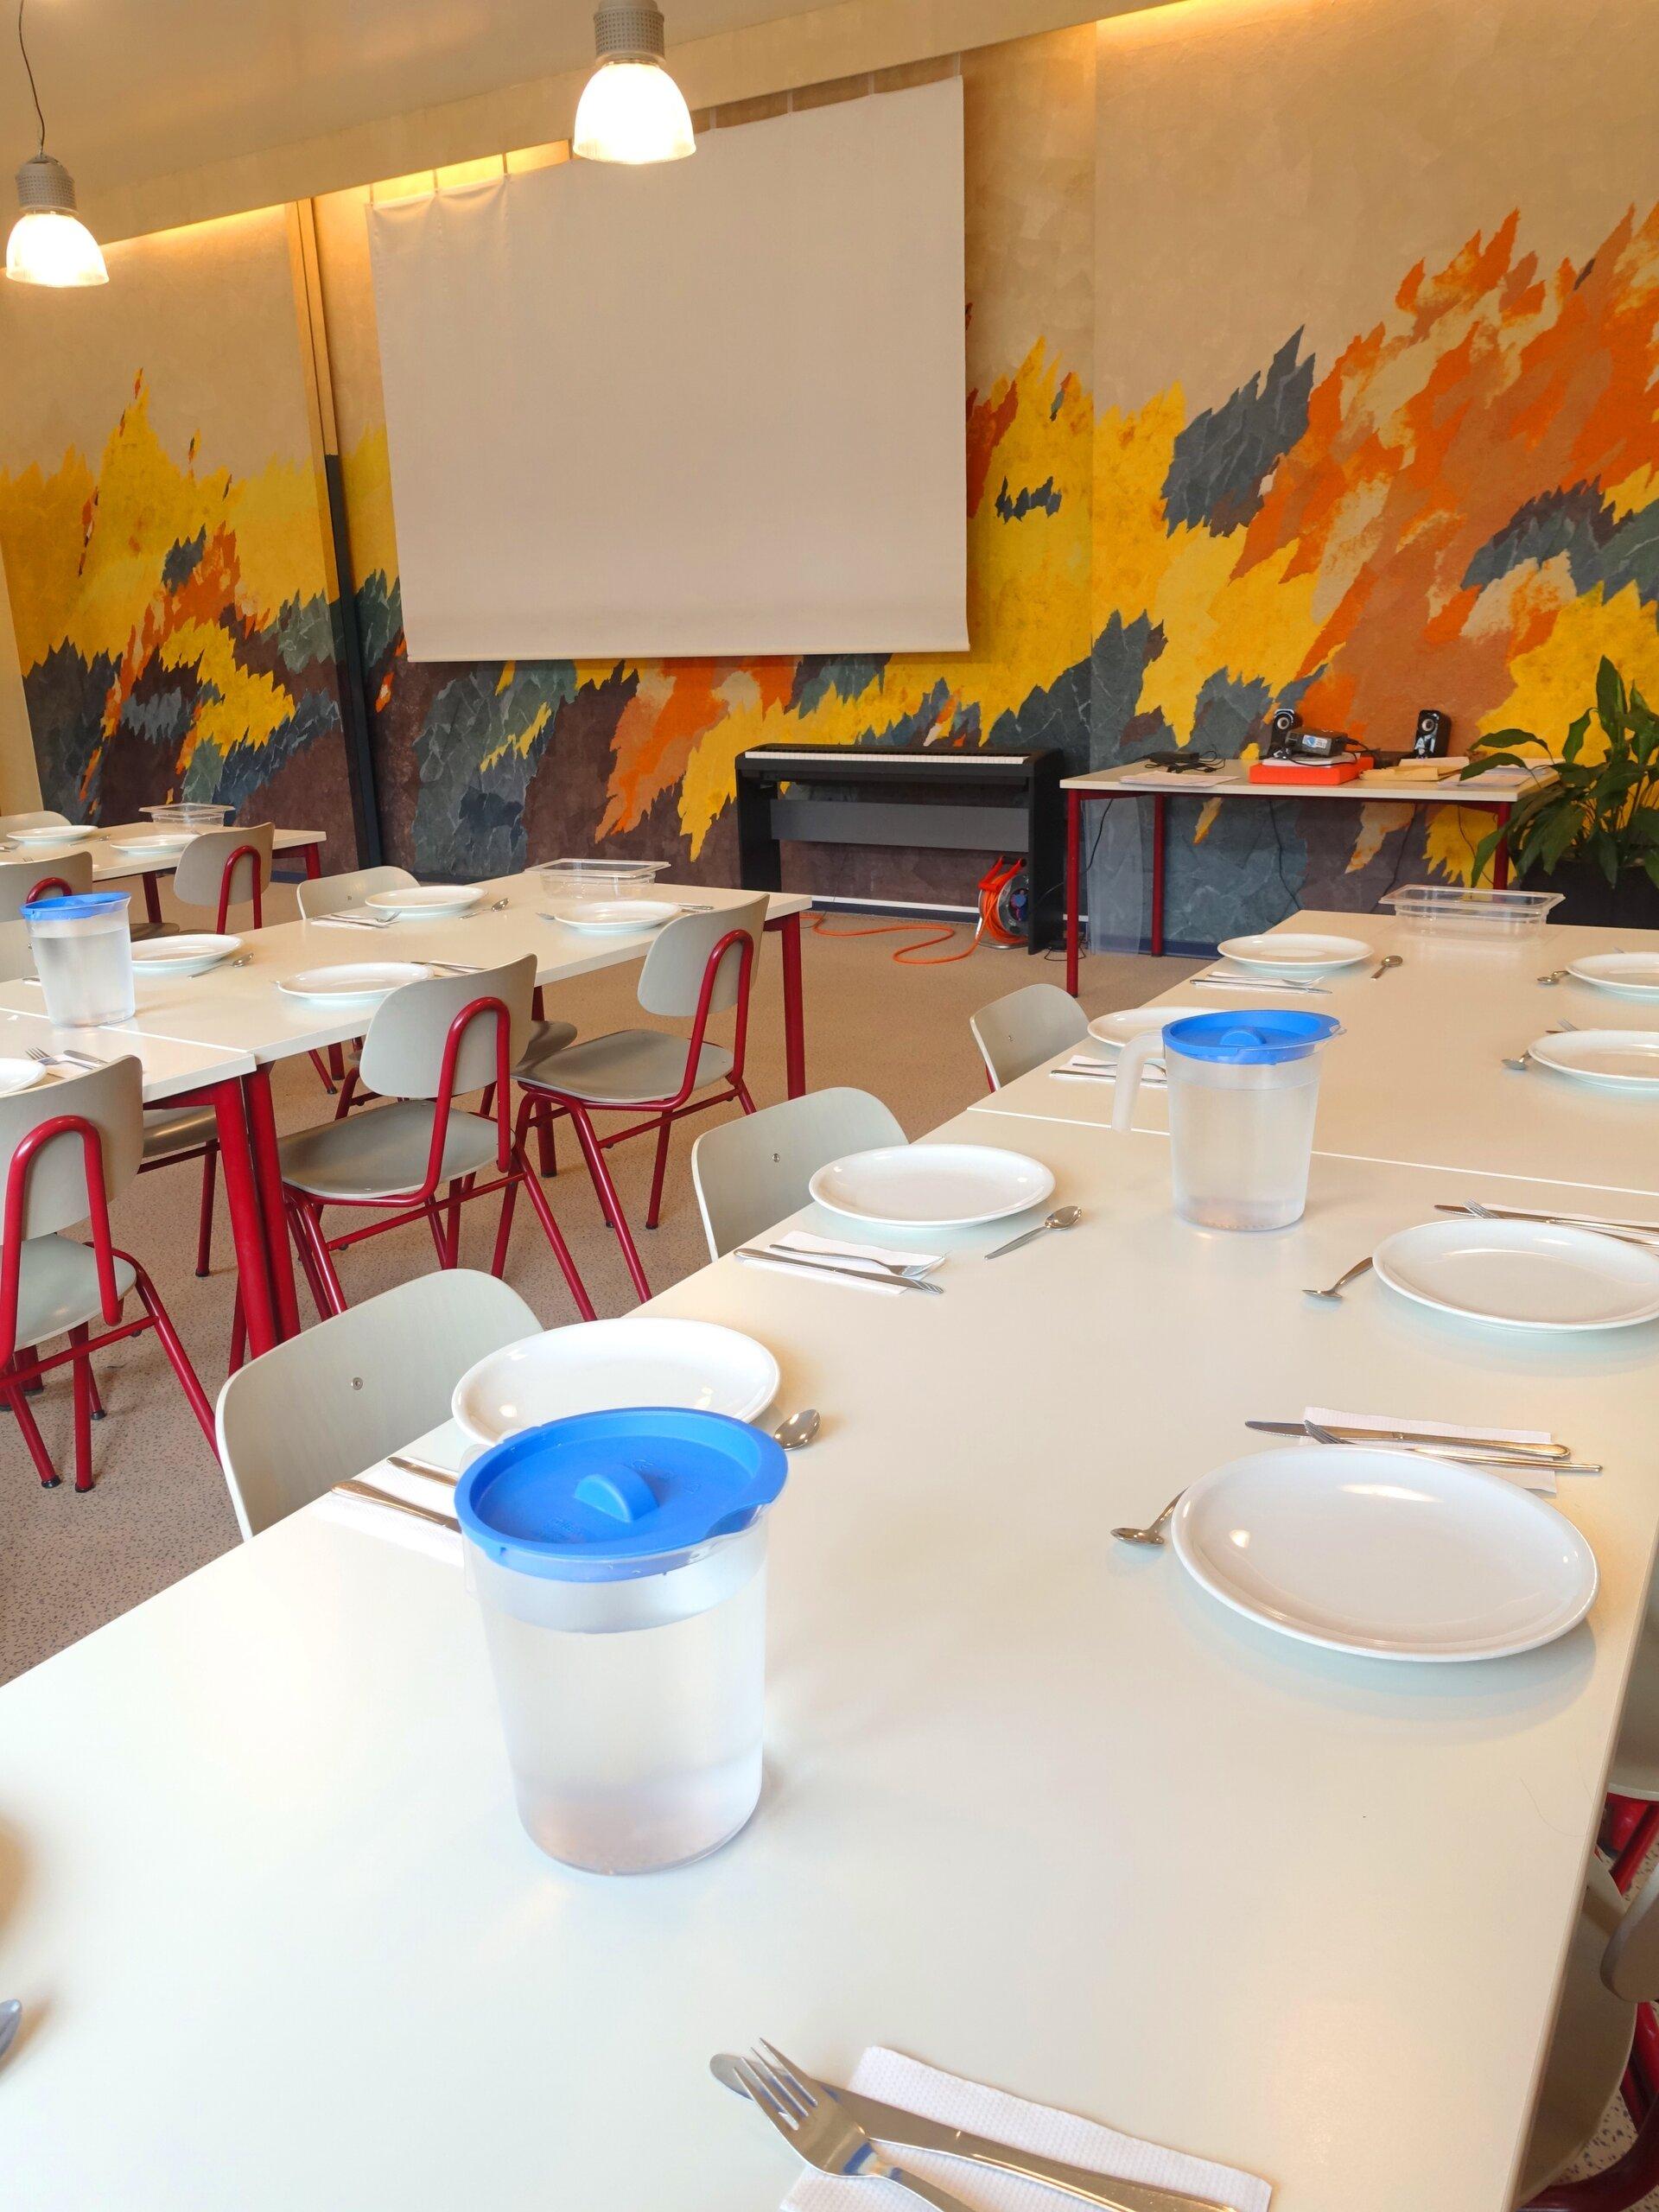 Tische und Leinwand im Speisesaal